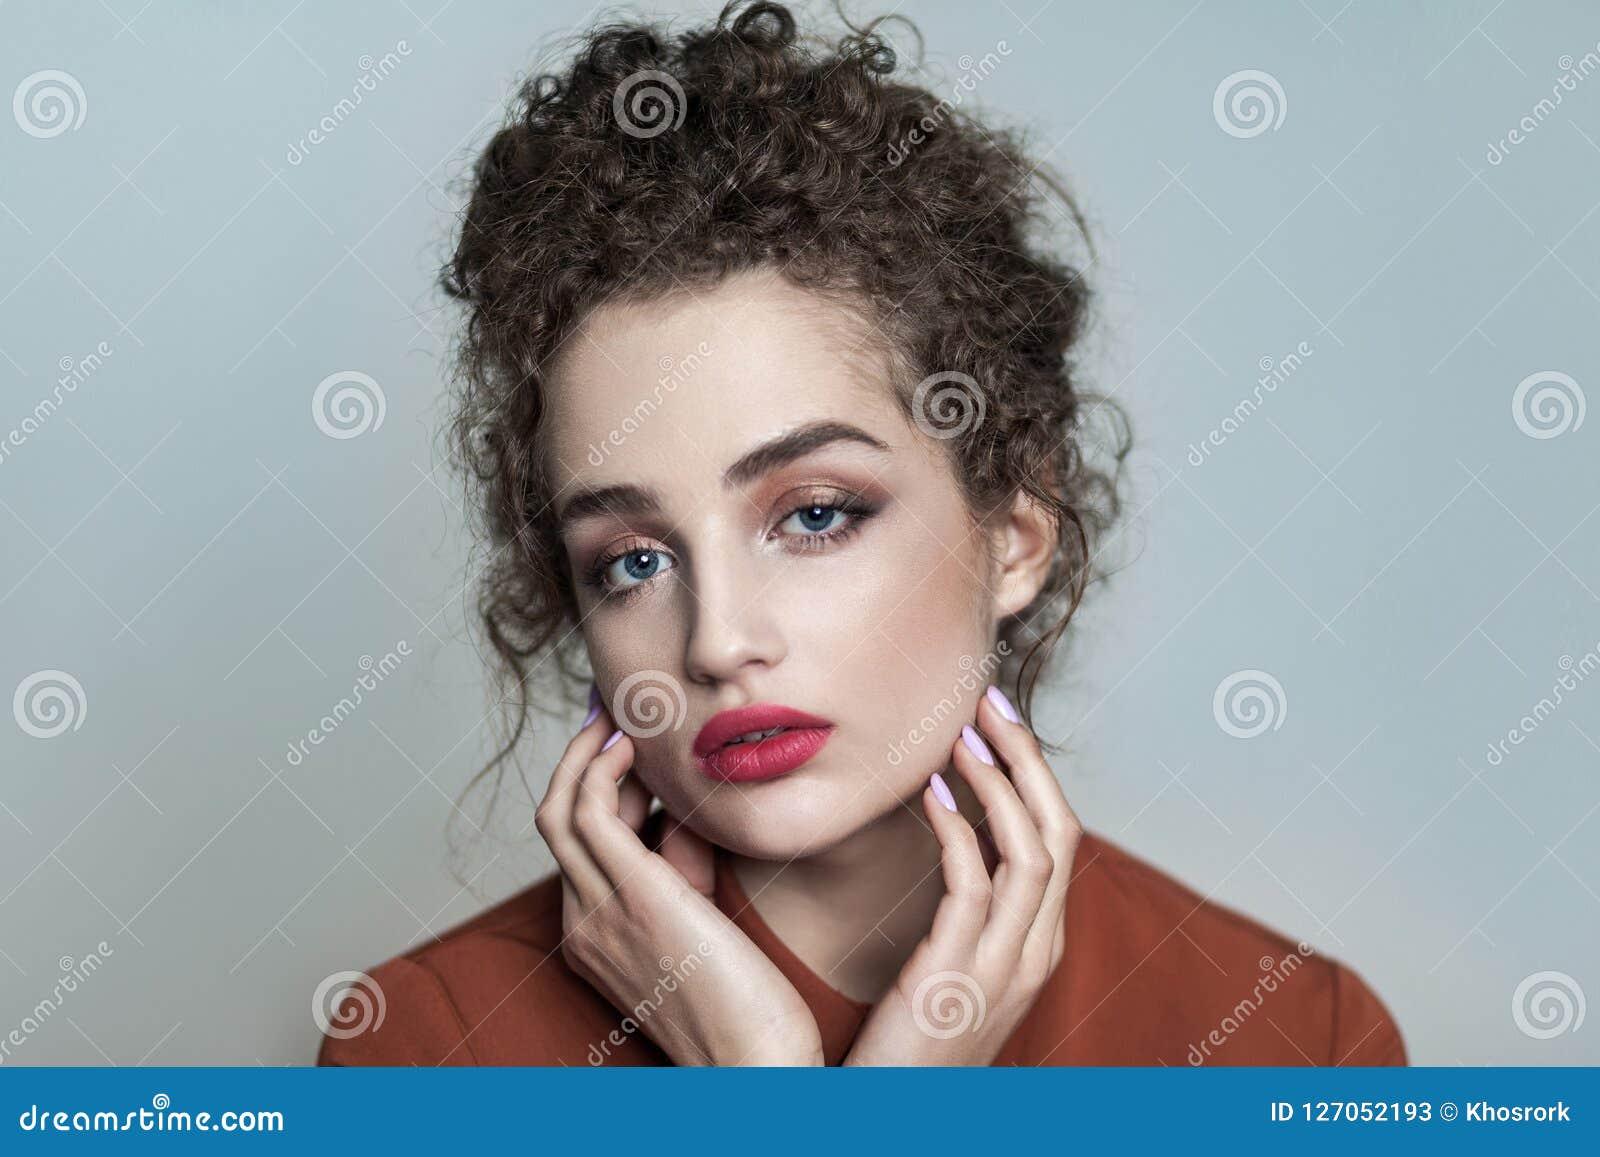 Ritratto di bellezza di giovane bello modello con il cagnaccio scuro raccolto